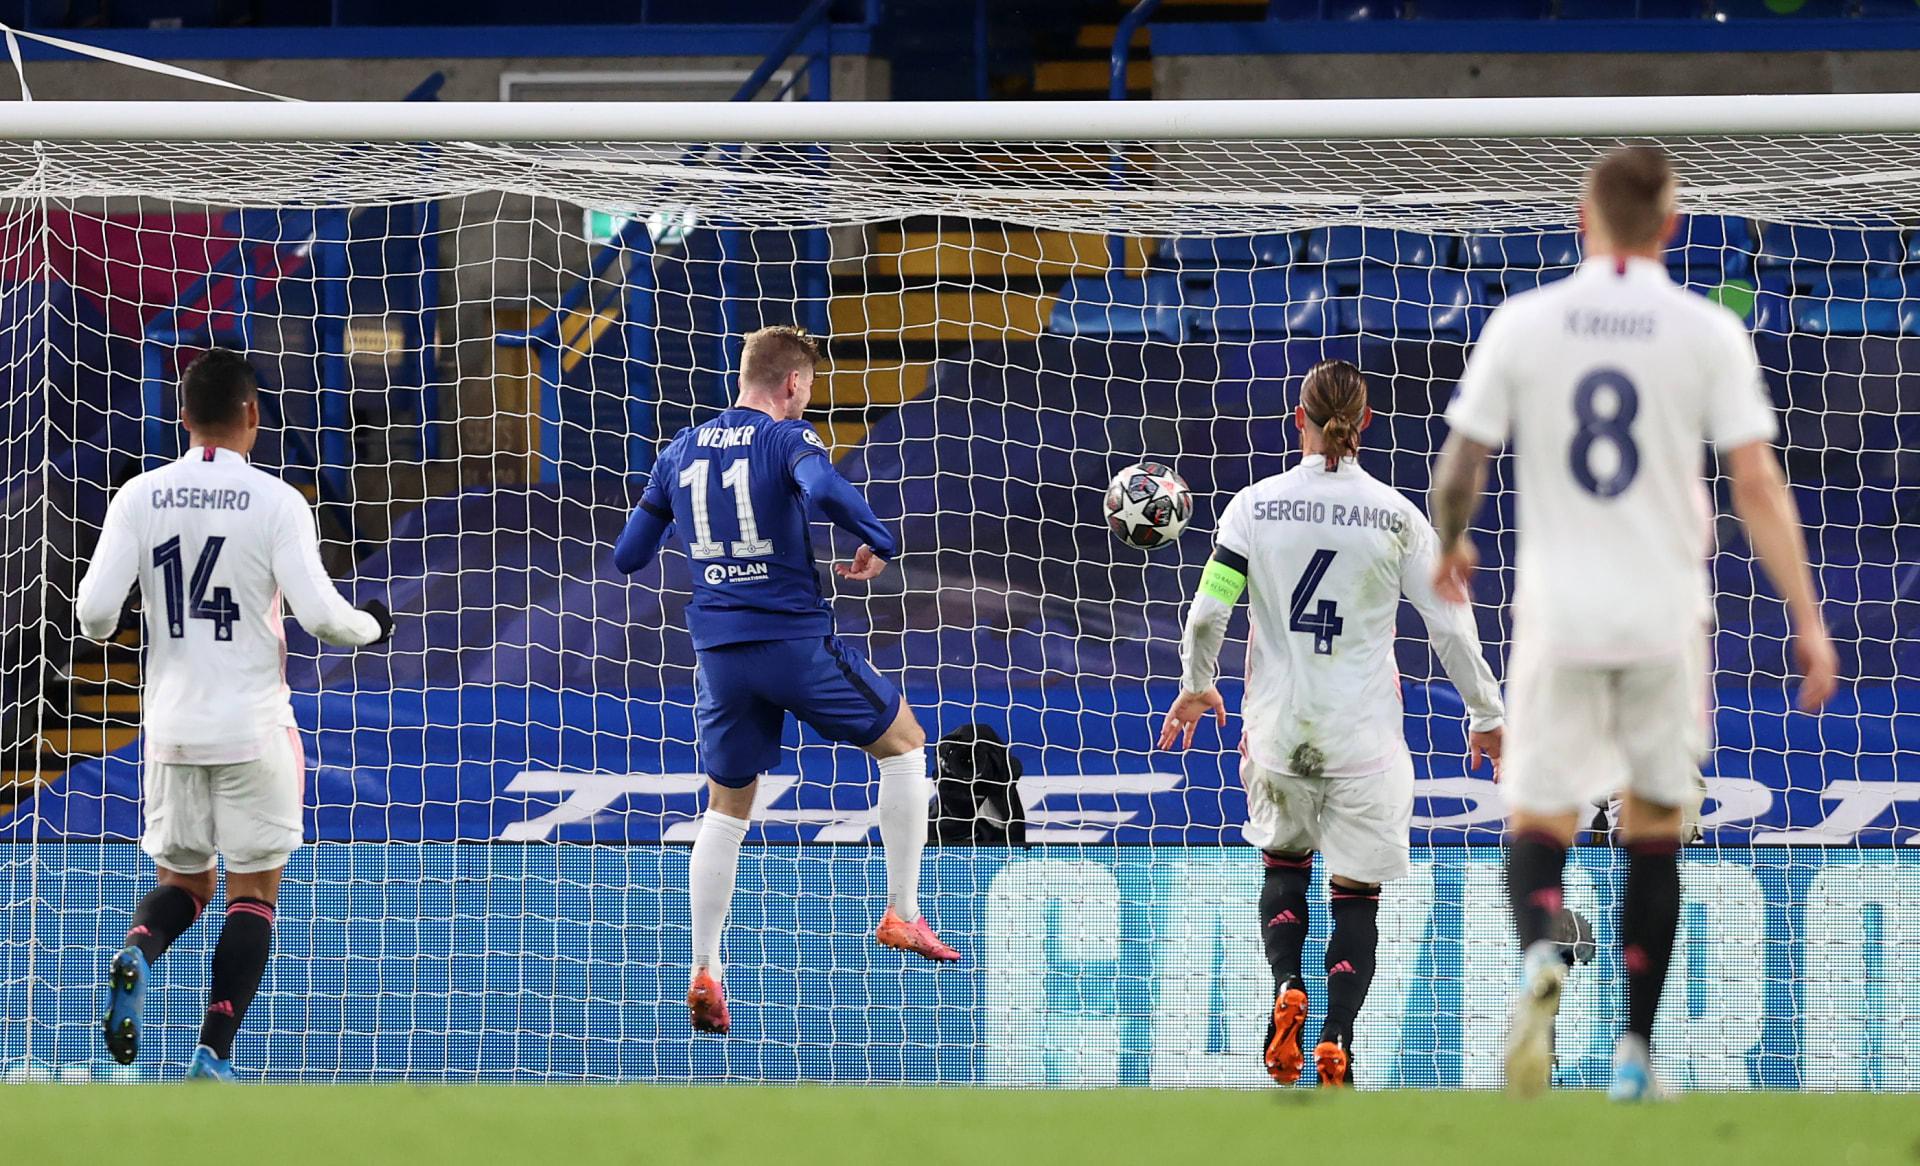 تشيلسي يفوز على ريال مدريد.. ويواجه مانشستر سيتي في نهائي أبطال أوروبا